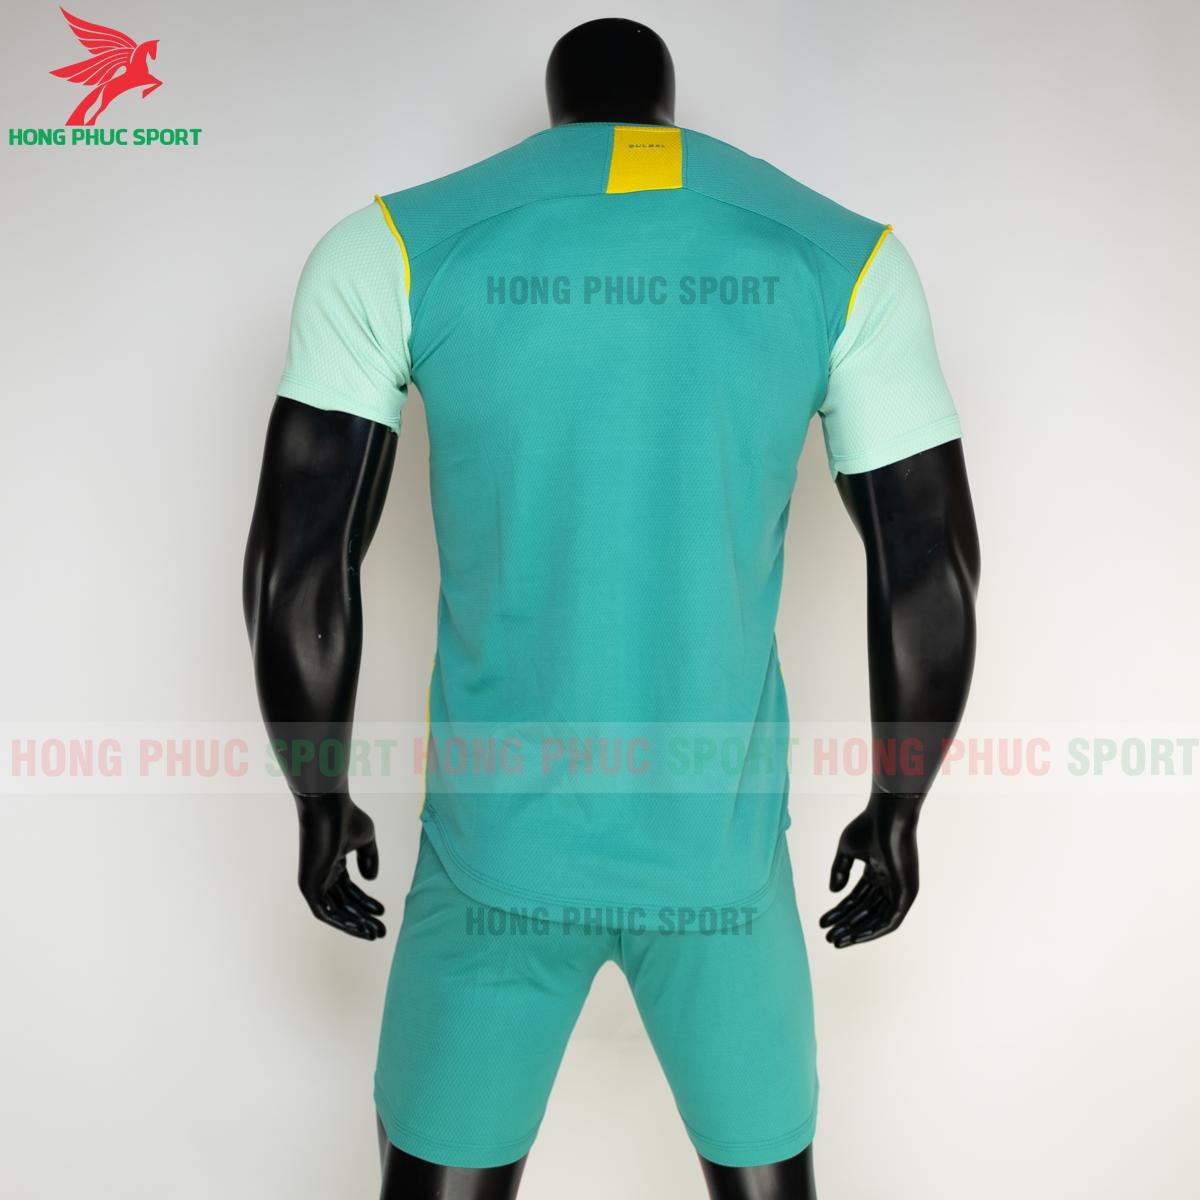 Áo đá banh không logo Bulbal Hades 2021 màu Xanh lá (sau)